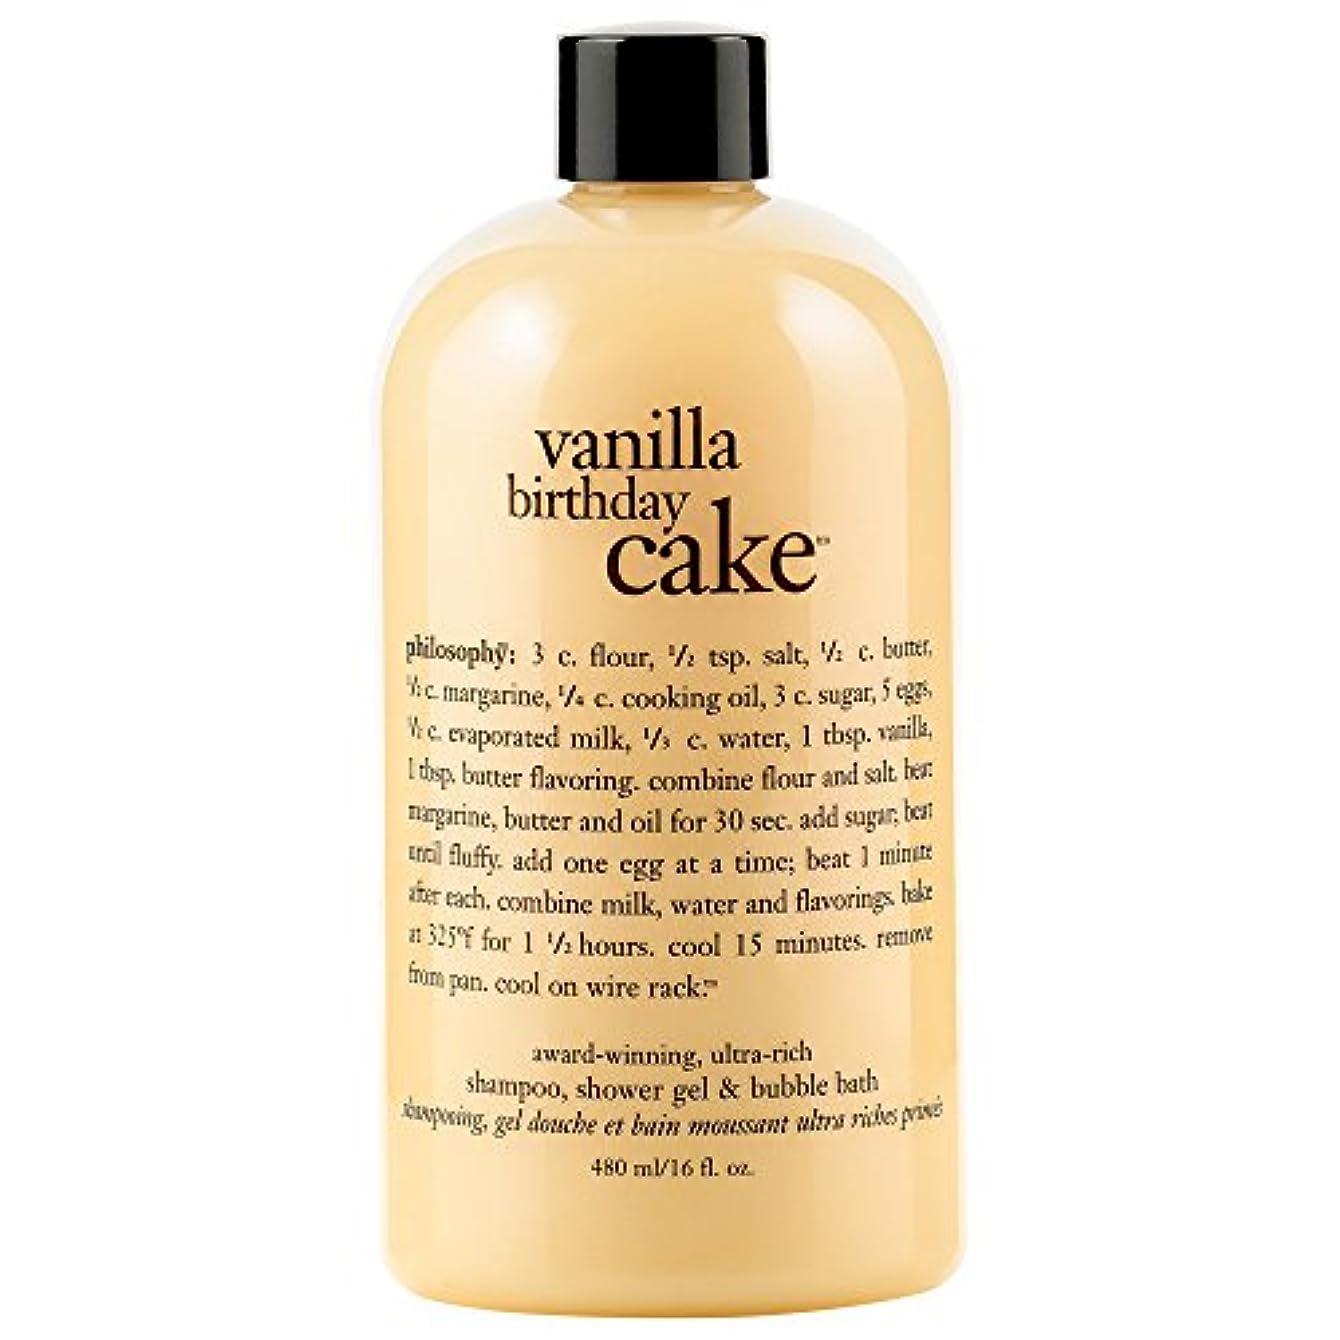 でる苦しめる交通渋滞哲学バニラバースデーケーキシャンプー/シャワージェル/バブルバス480ミリリットル (Philosophy) (x6) - Philosophy Vanilla Birthday Cake Shampoo/Shower...